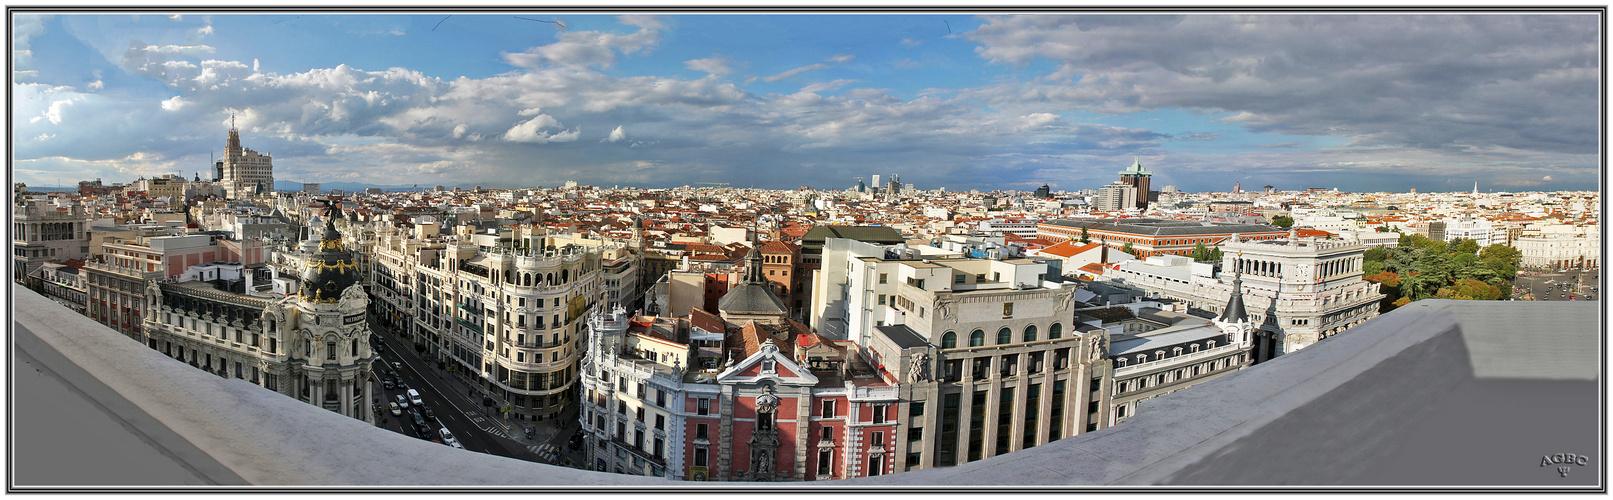 Vistas de Madrid desde el Circulo de Bellas Artes. Panoramica (18 Img). GKM5-I